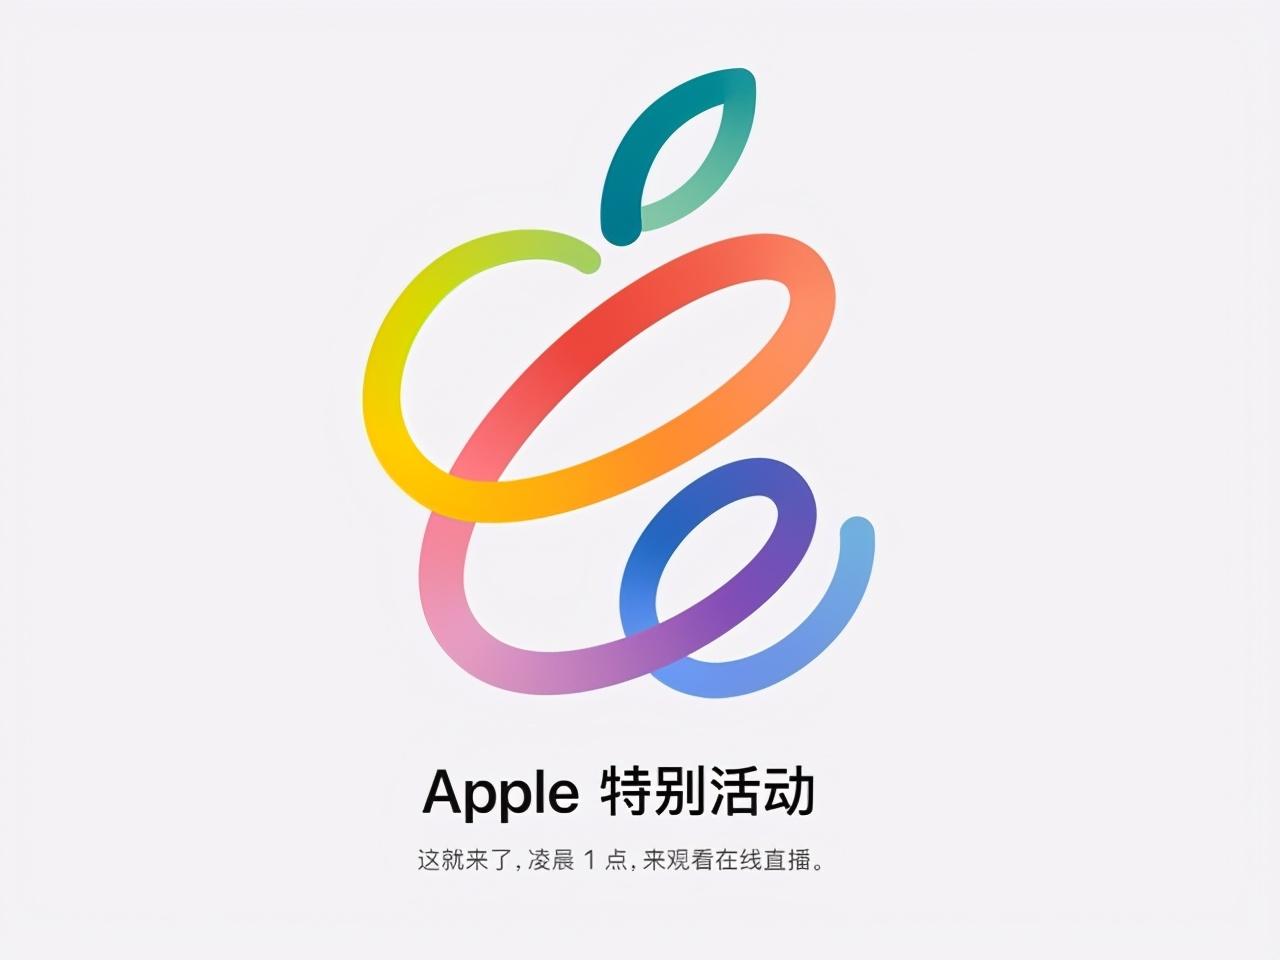 2021年苹果发布会什么时候开始(苹果发布会开张时间和内容)